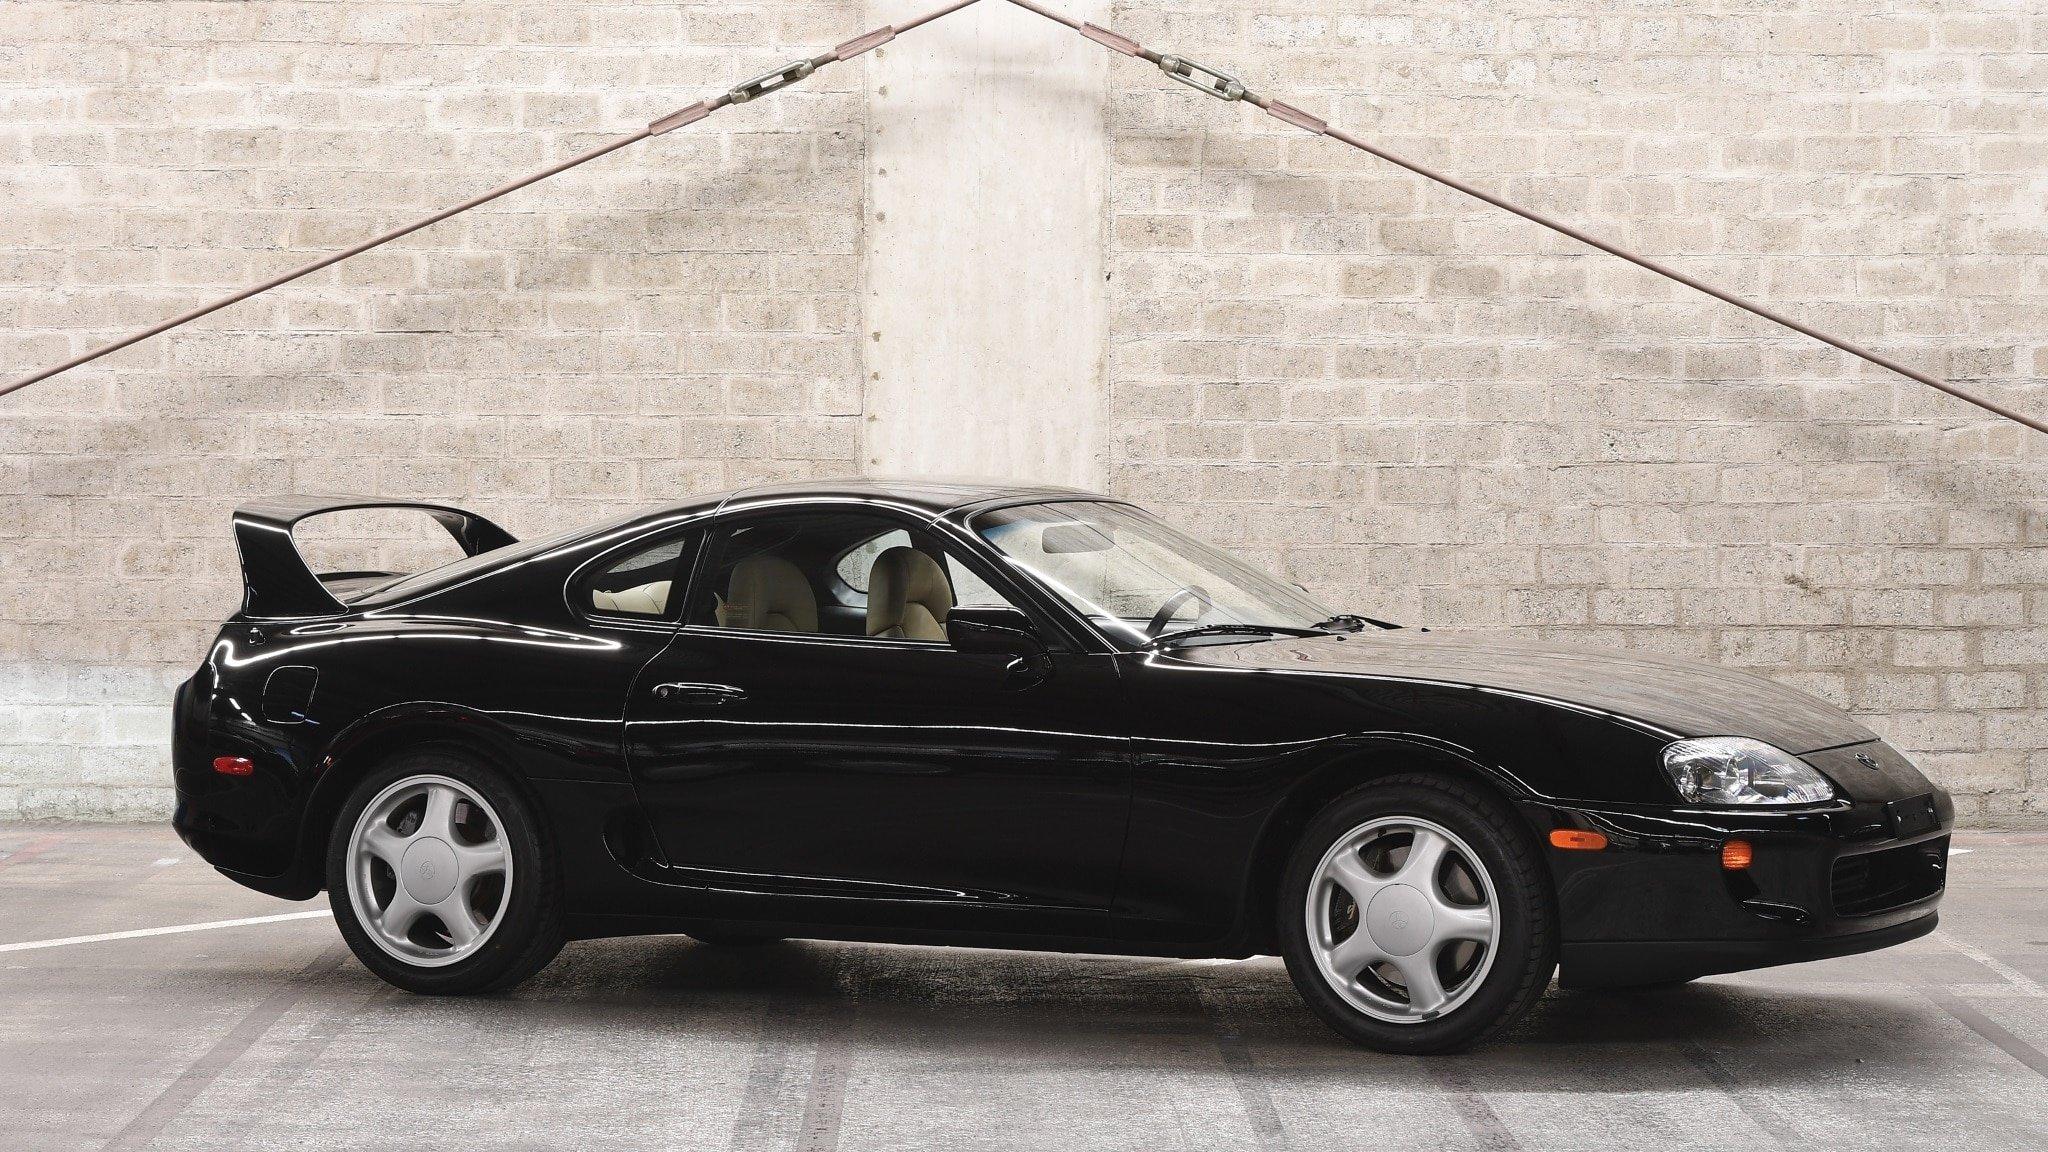 Em 2019, o evento de carros clássicos de Amelia Island traz modelos de presidentes e papas, os Mercedes mais potentes da década de 30, e mais.